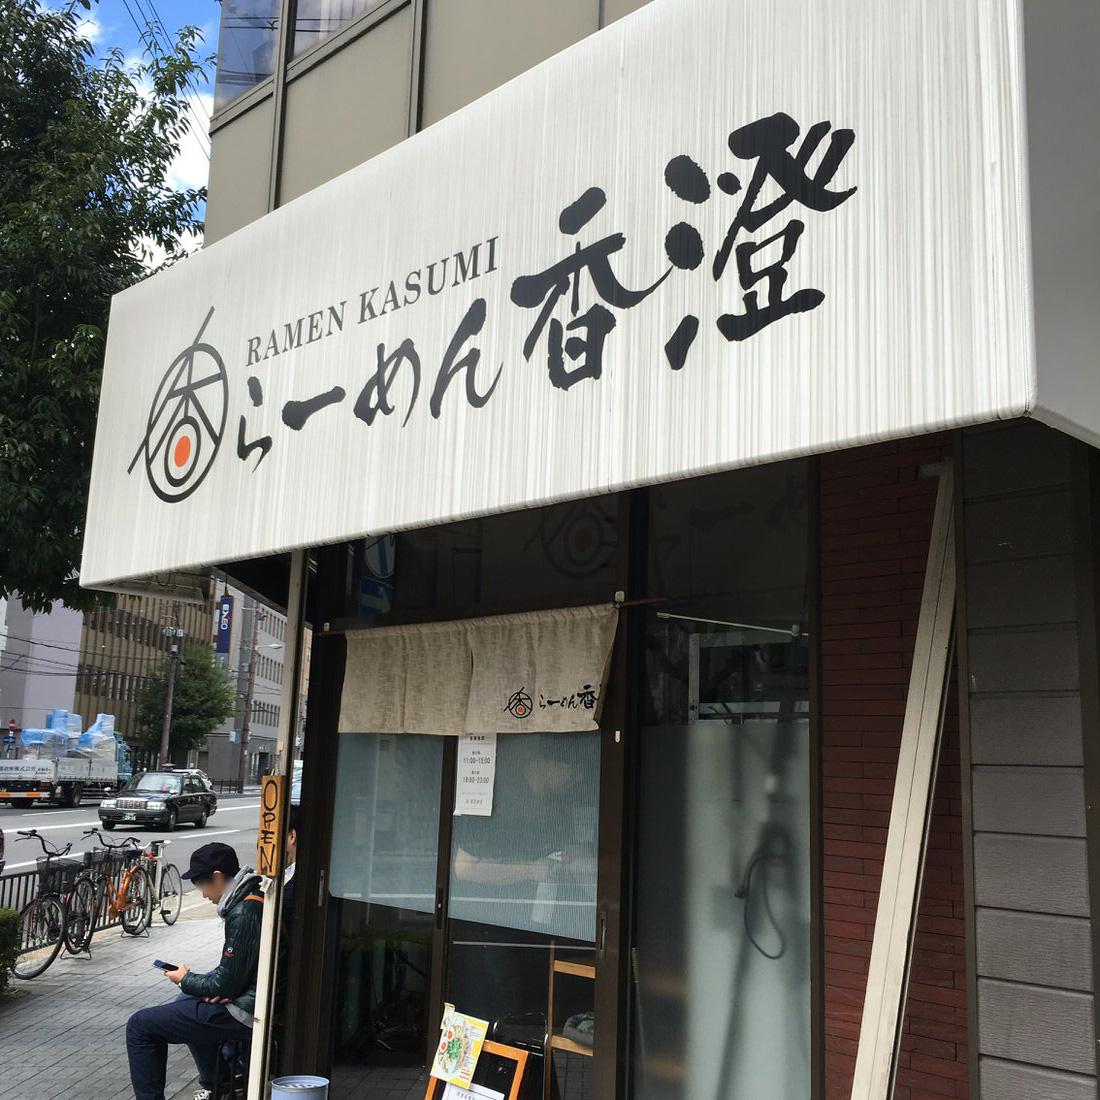 大阪【阿波座】煮干し出汁の本気を見た!ラーメン香澄の煮干しラーメンの完成度に脱帽!